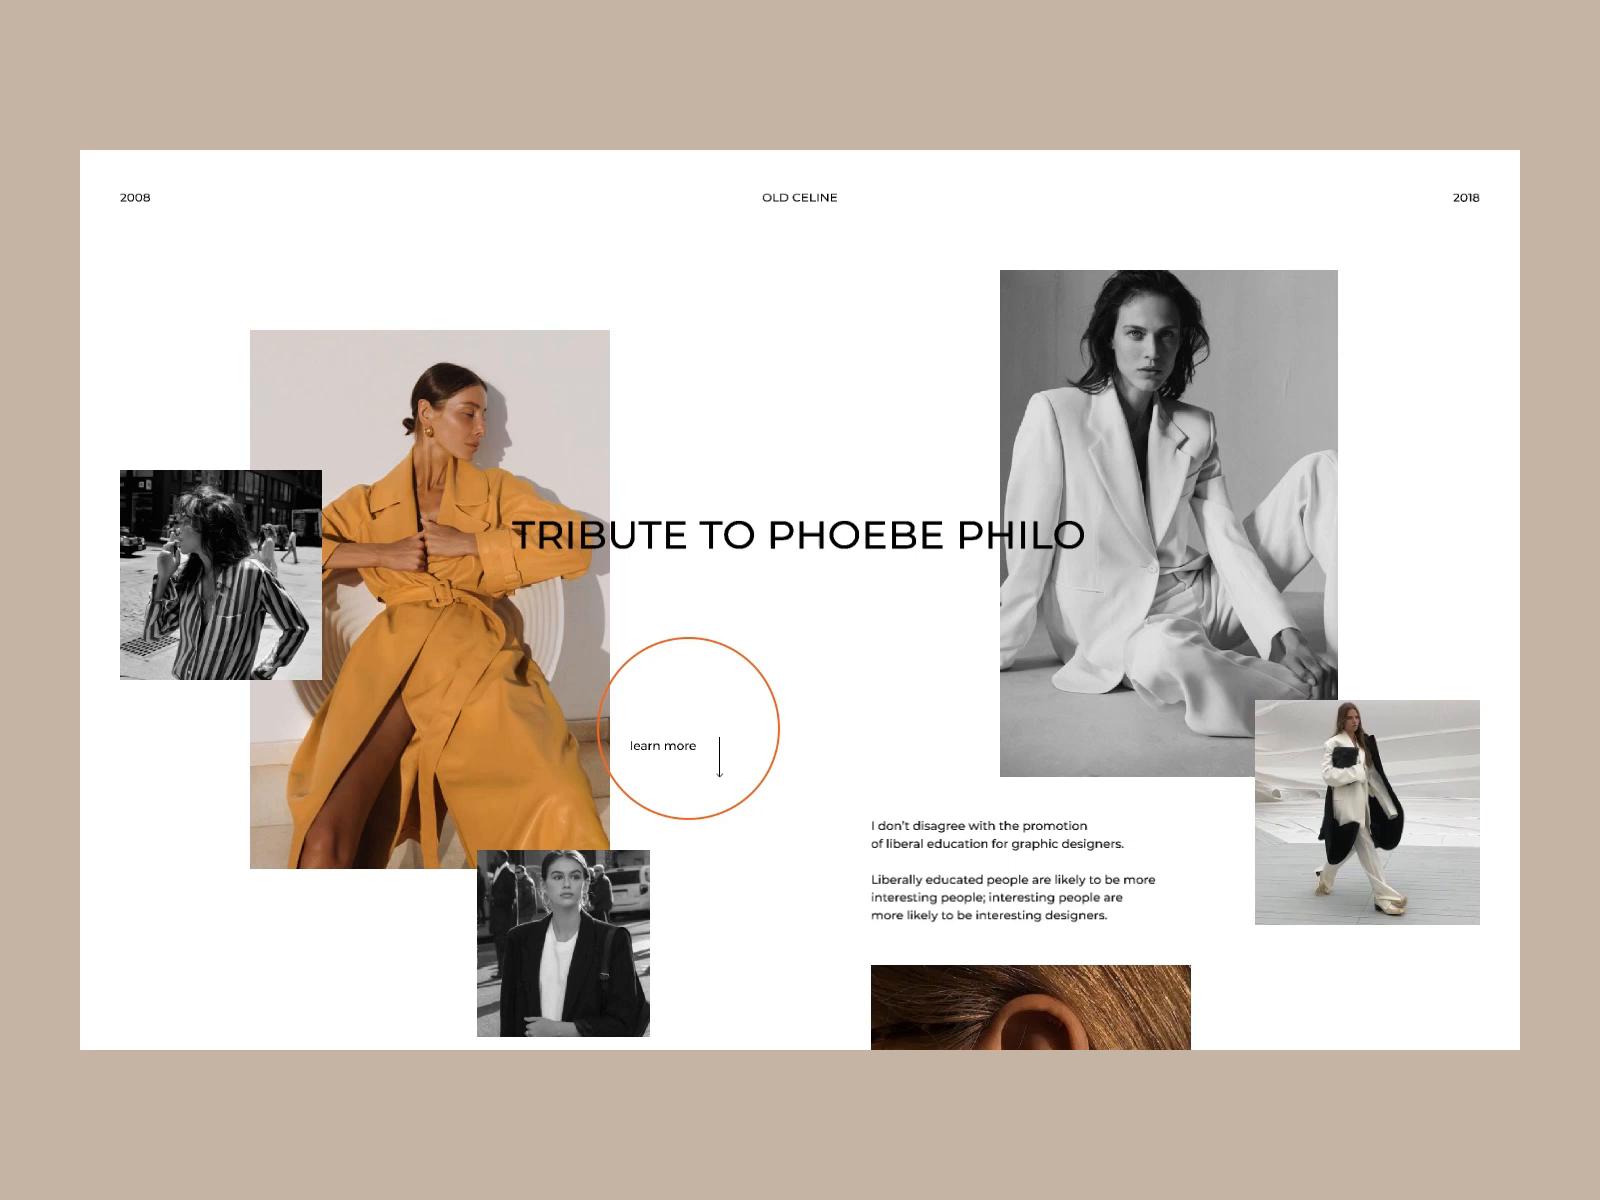 Celine Fashion Cite Concept By Daria Lisovenko For Ssa Design On Dribbble